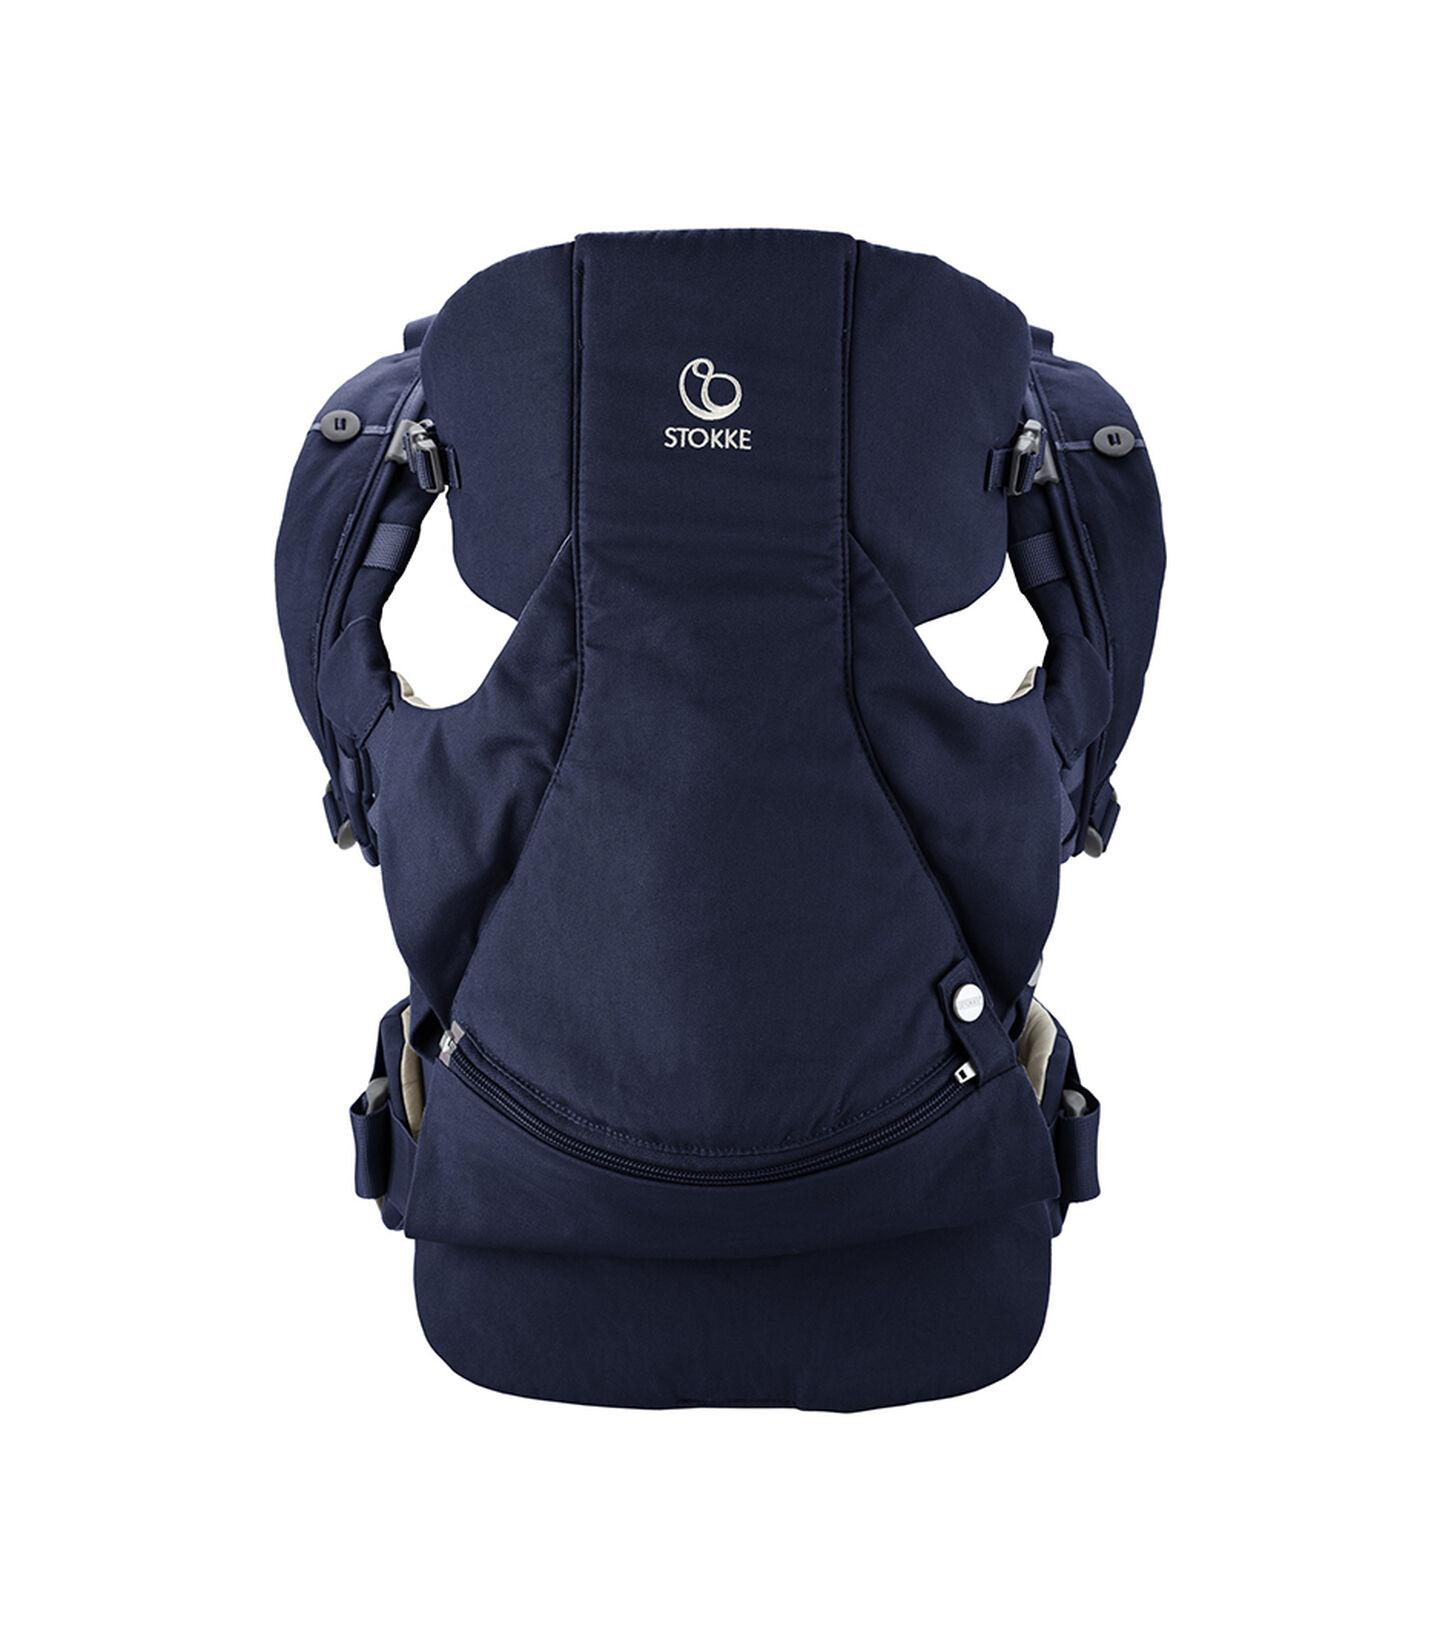 Porte-bébé ventral et dorsal Stokke® MyCarrier™ Deep Blue, Bleu foncé, mainview view 2